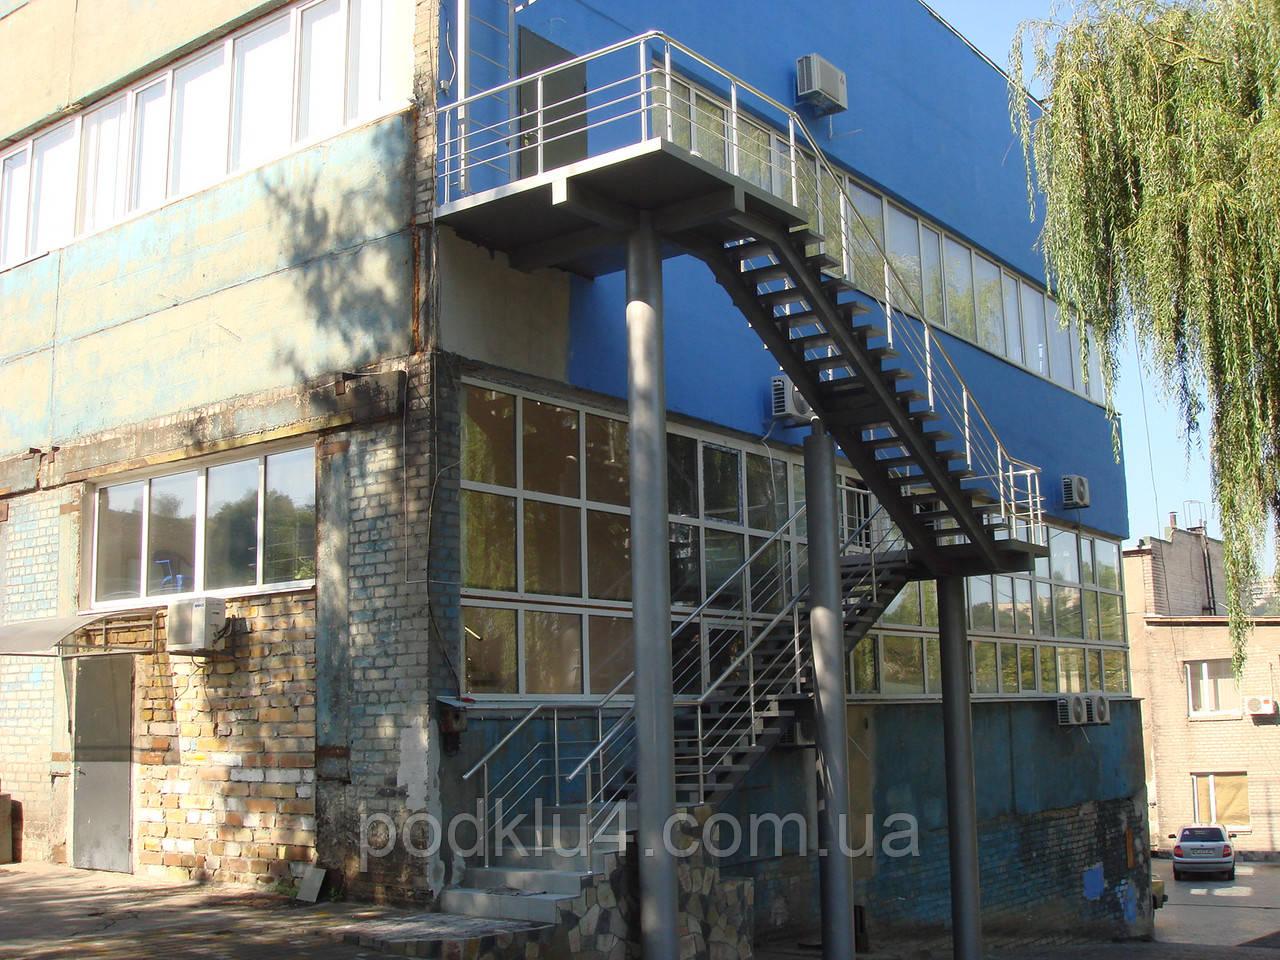 Лестницы на прямом косоуре больших размеров